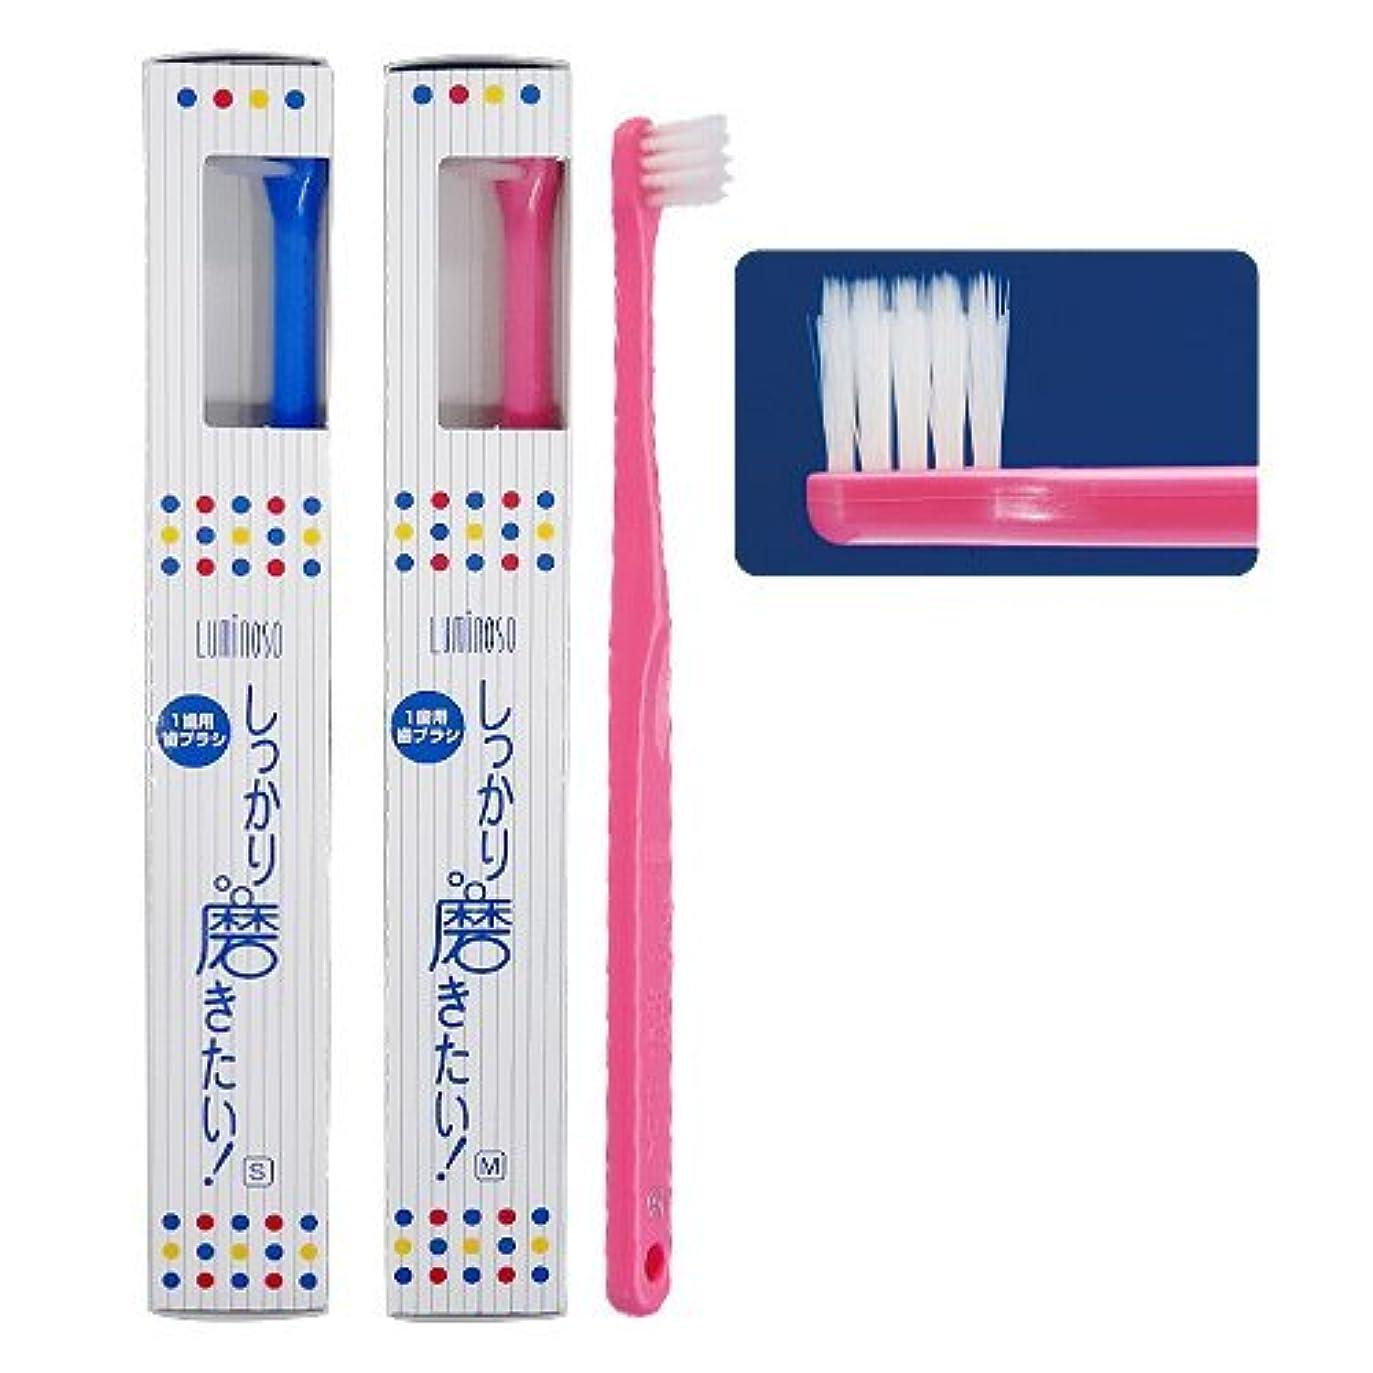 市民これらすぐにルミノソ 1歯用歯ブラシ「しっかり磨きたい!」スタンダード ミディアム (カラー指定不可) 10本